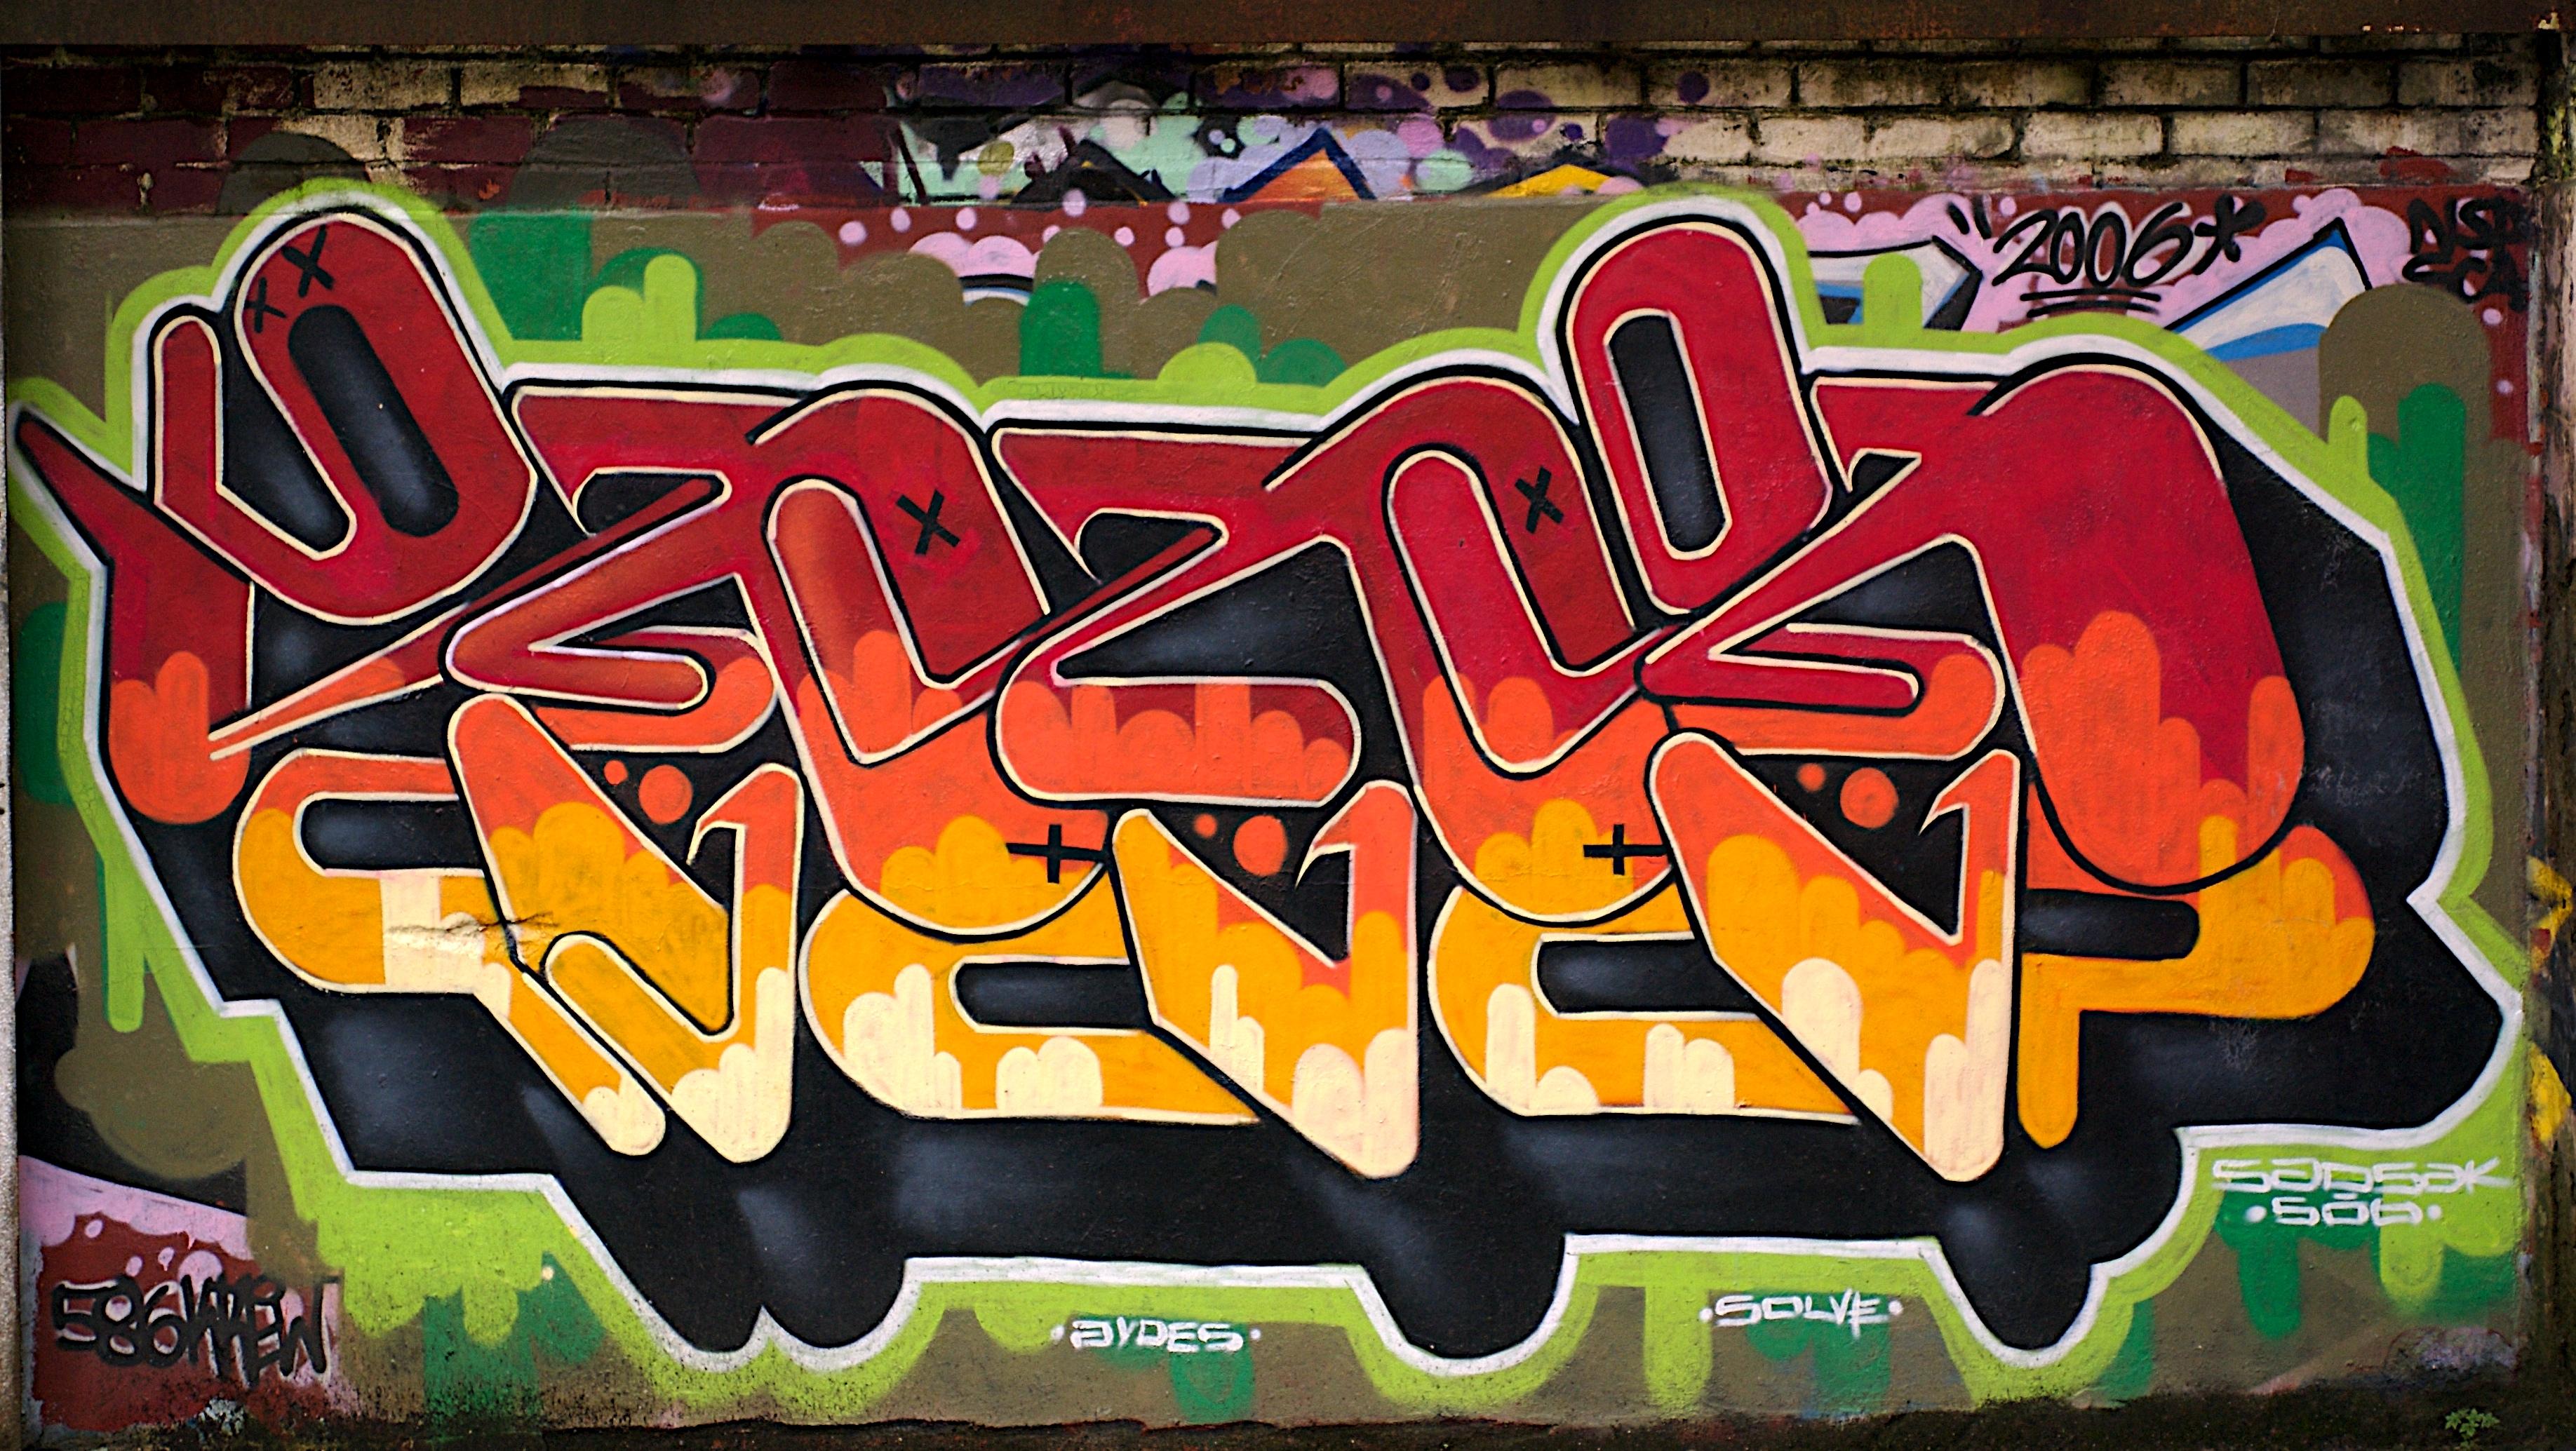 acdn.wallpapersafari.com_23_49_9NmAH6.jpg